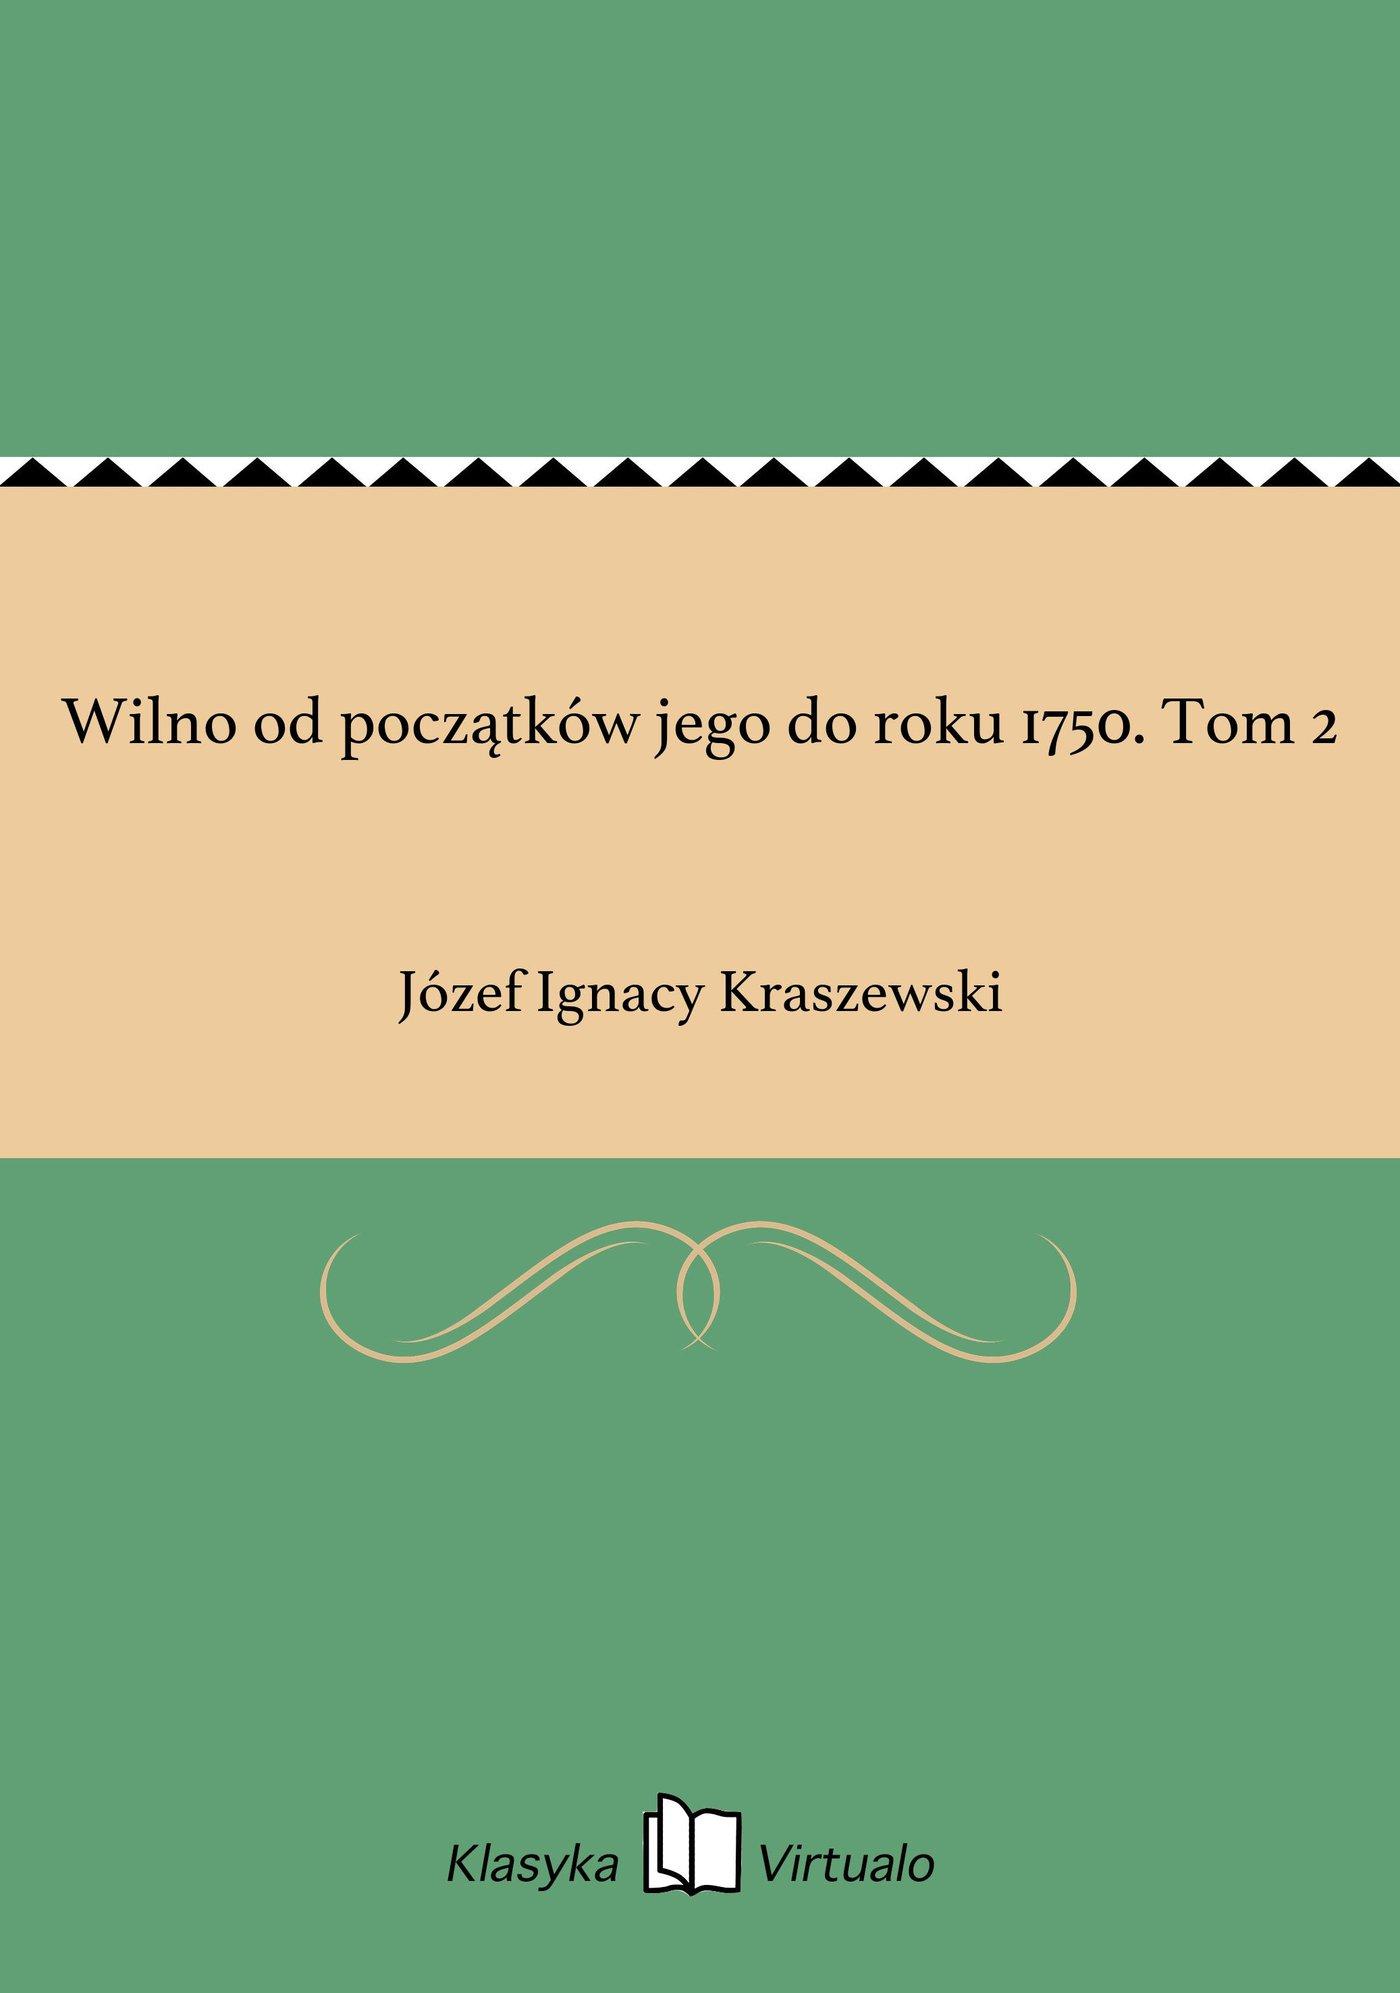 Wilno od początków jego do roku 1750. Tom 2 - Ebook (Książka EPUB) do pobrania w formacie EPUB